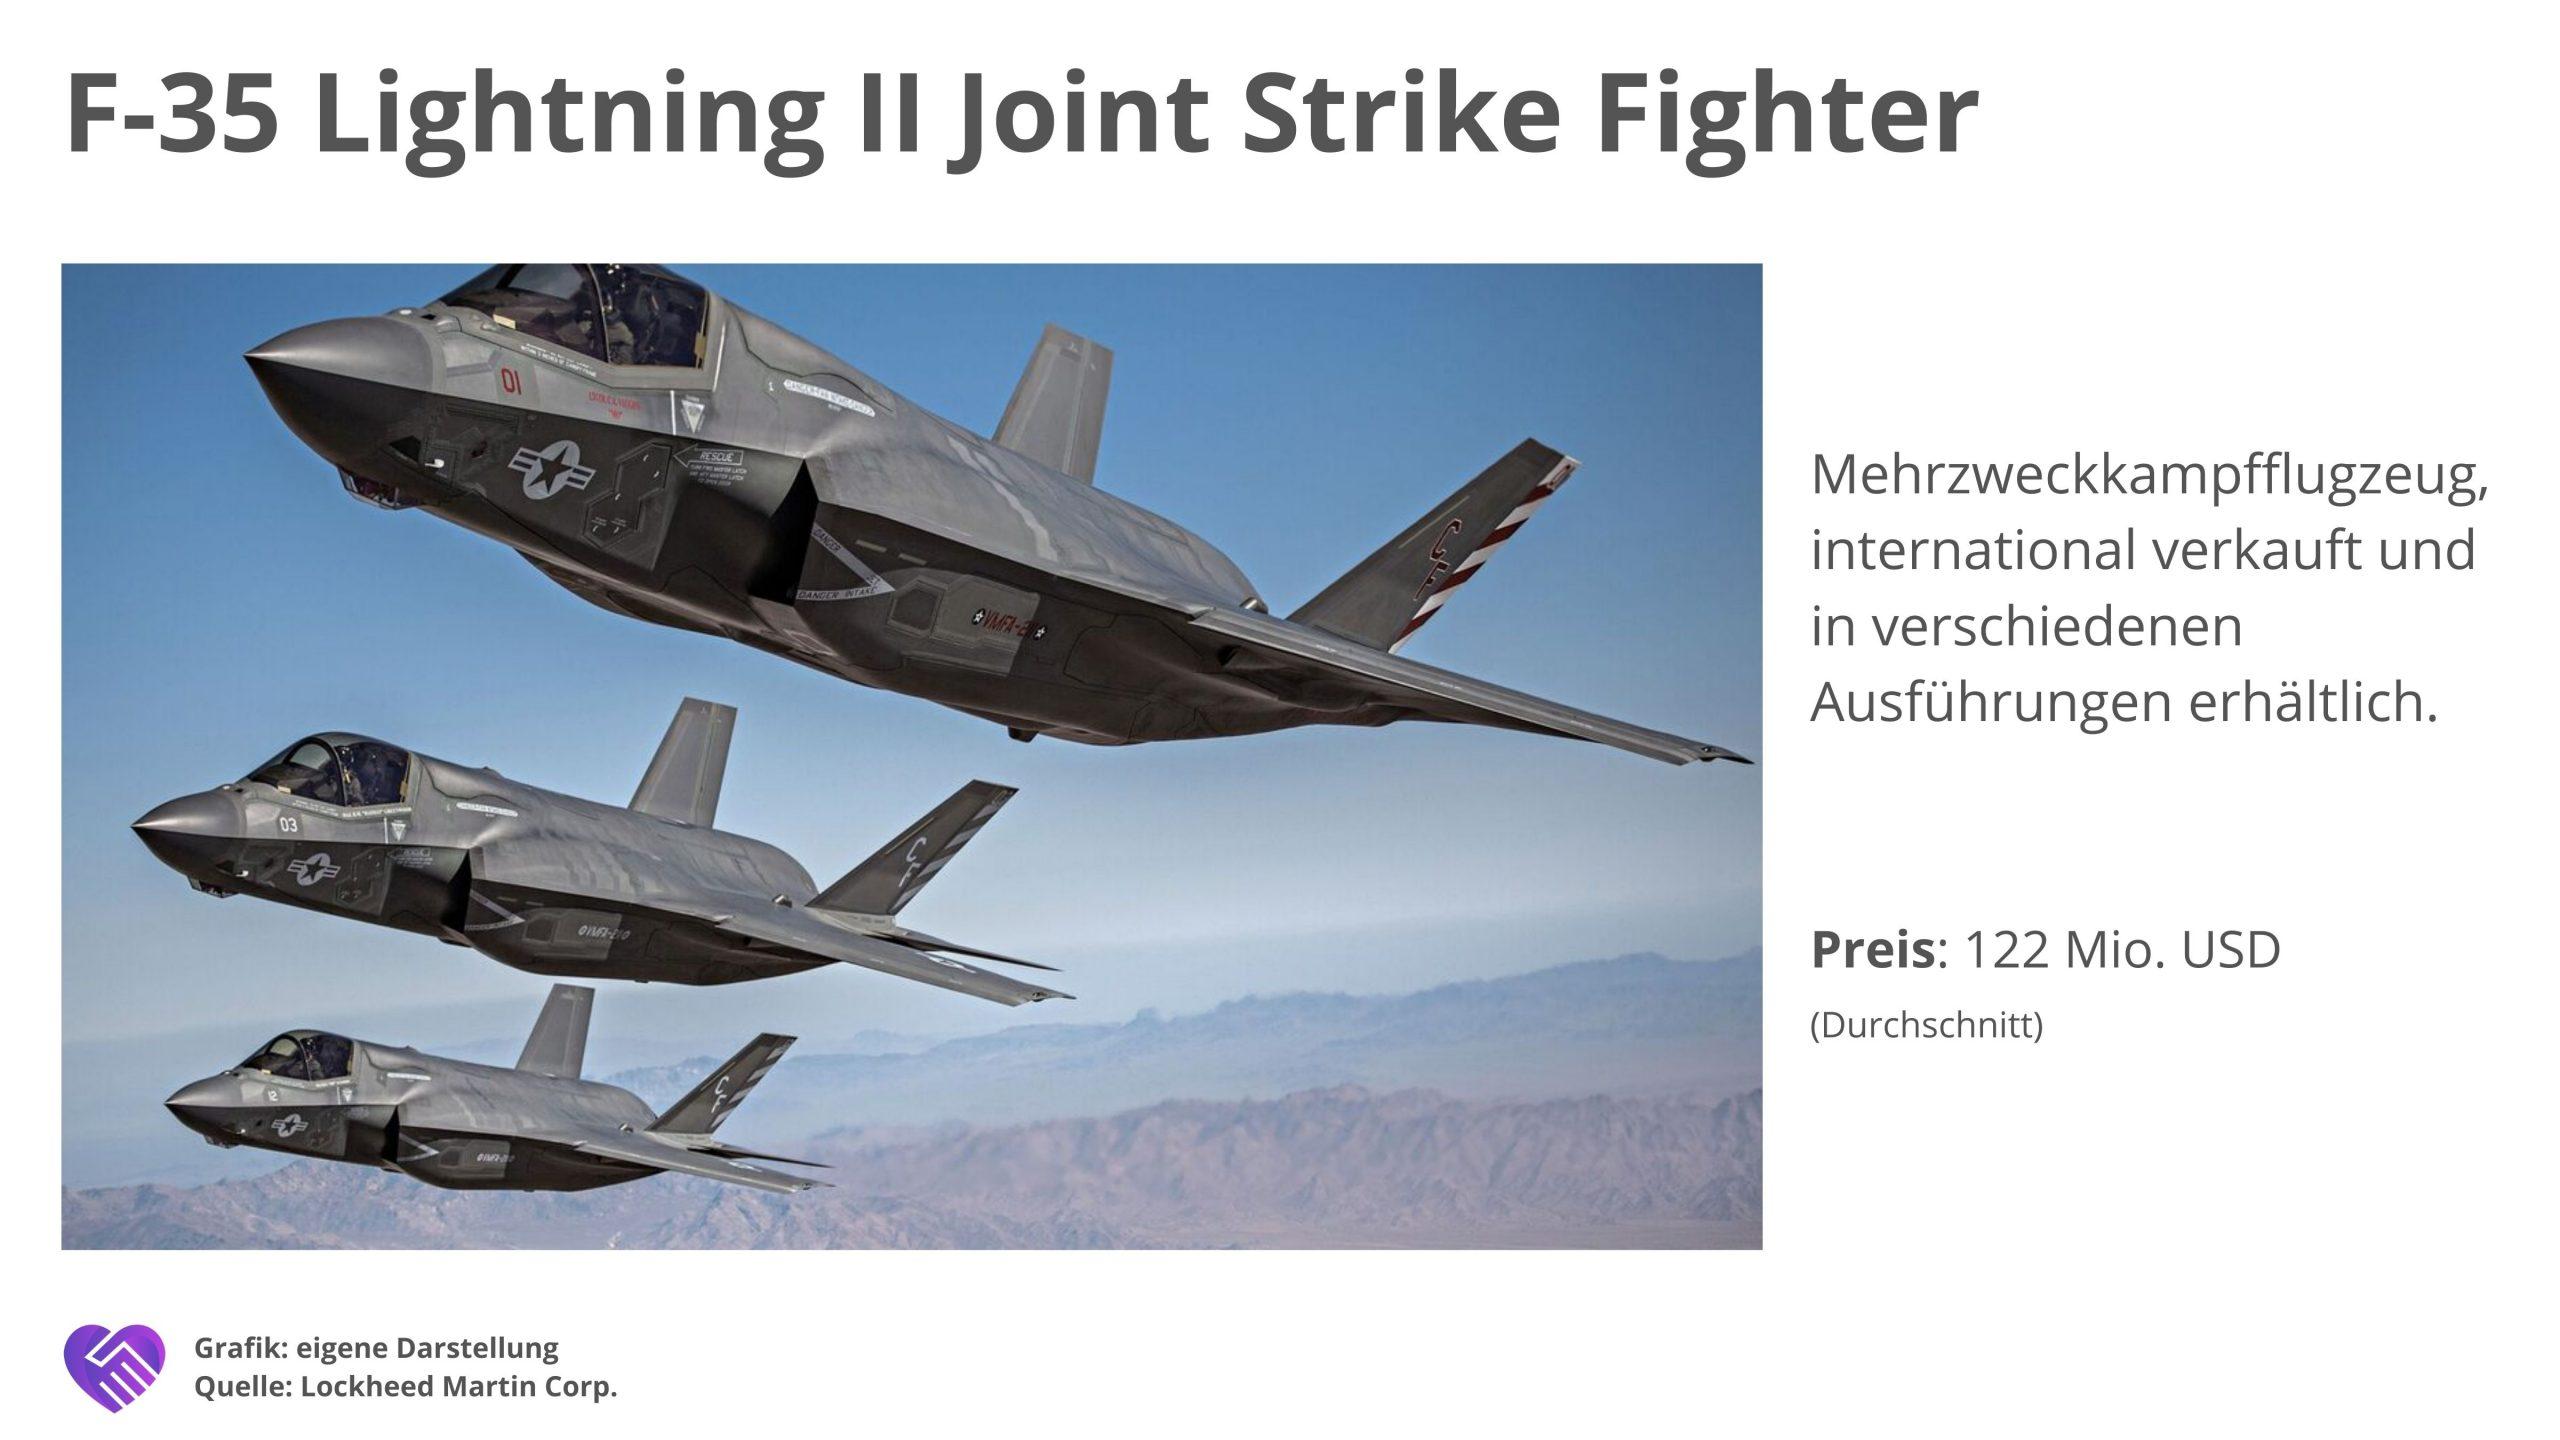 Lockheed Martin Aktie Analyse Geschäftsmodell F 35